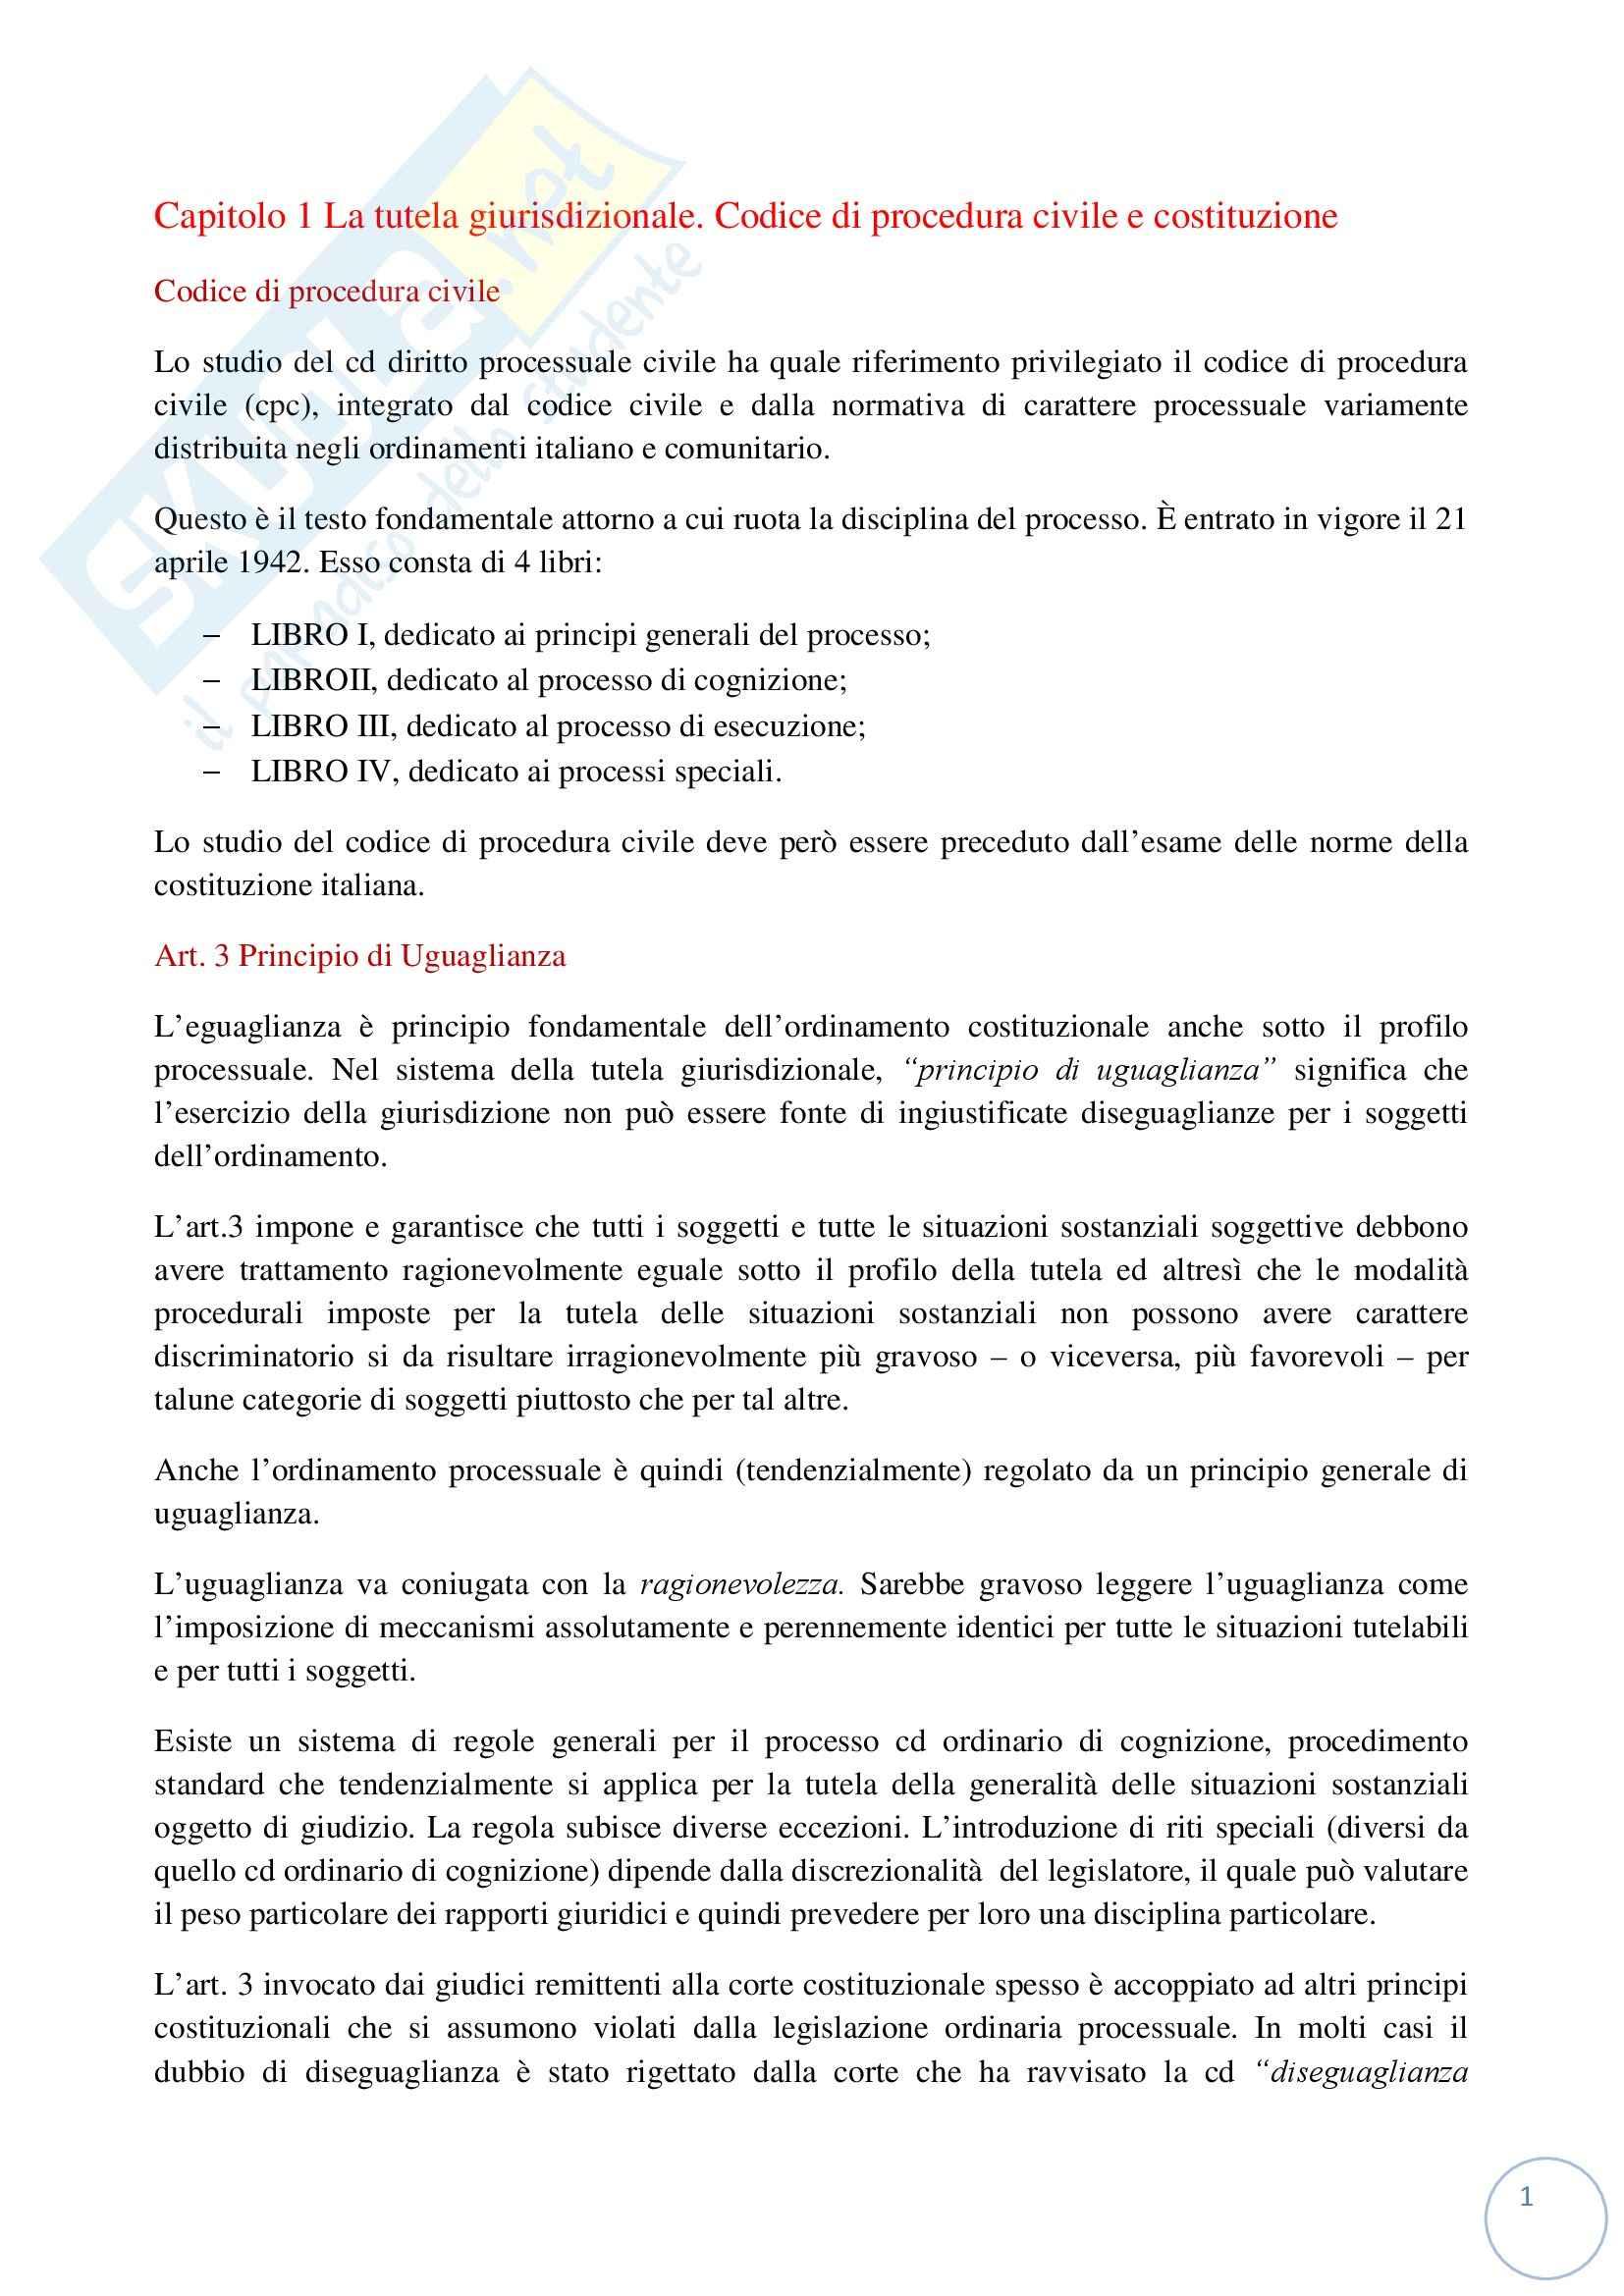 Perfect Riassunto Esame Diritto Processuale Civile, Prof. Tiscini, Libro  Consigliato Lineamenti Del Processo Civile ...